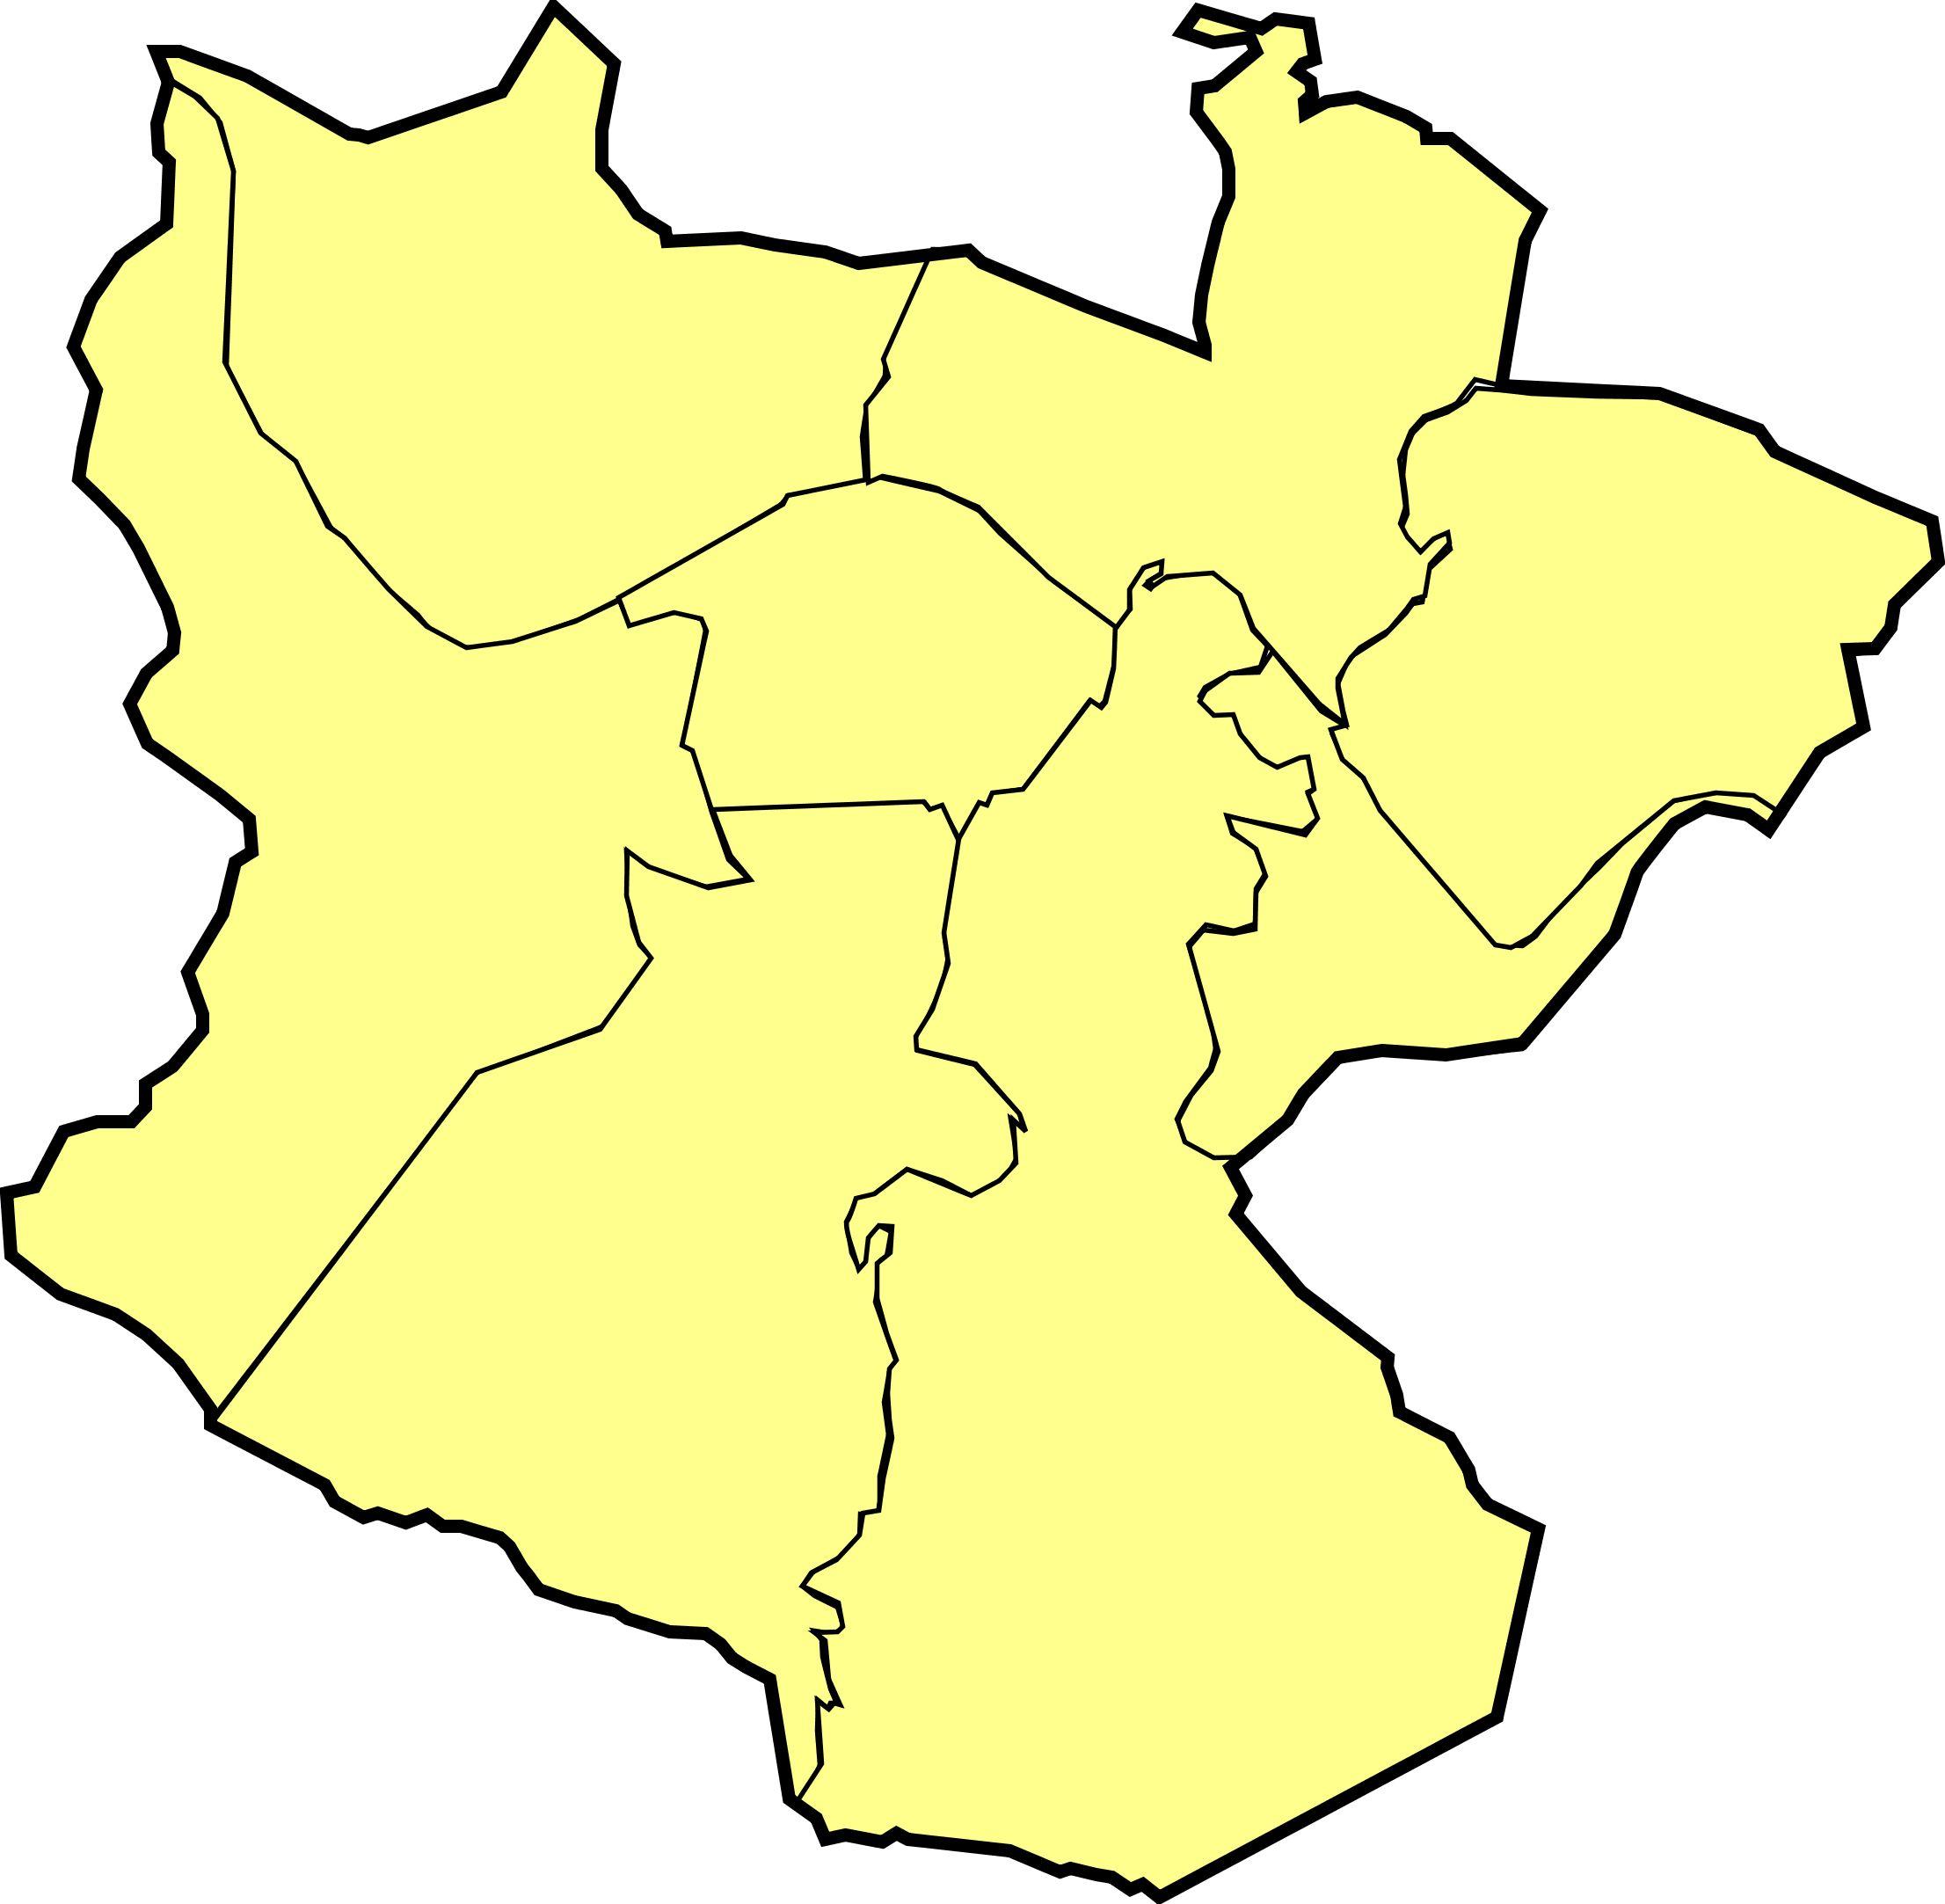 Mapa mudo de los distritos de Bilbao 2008